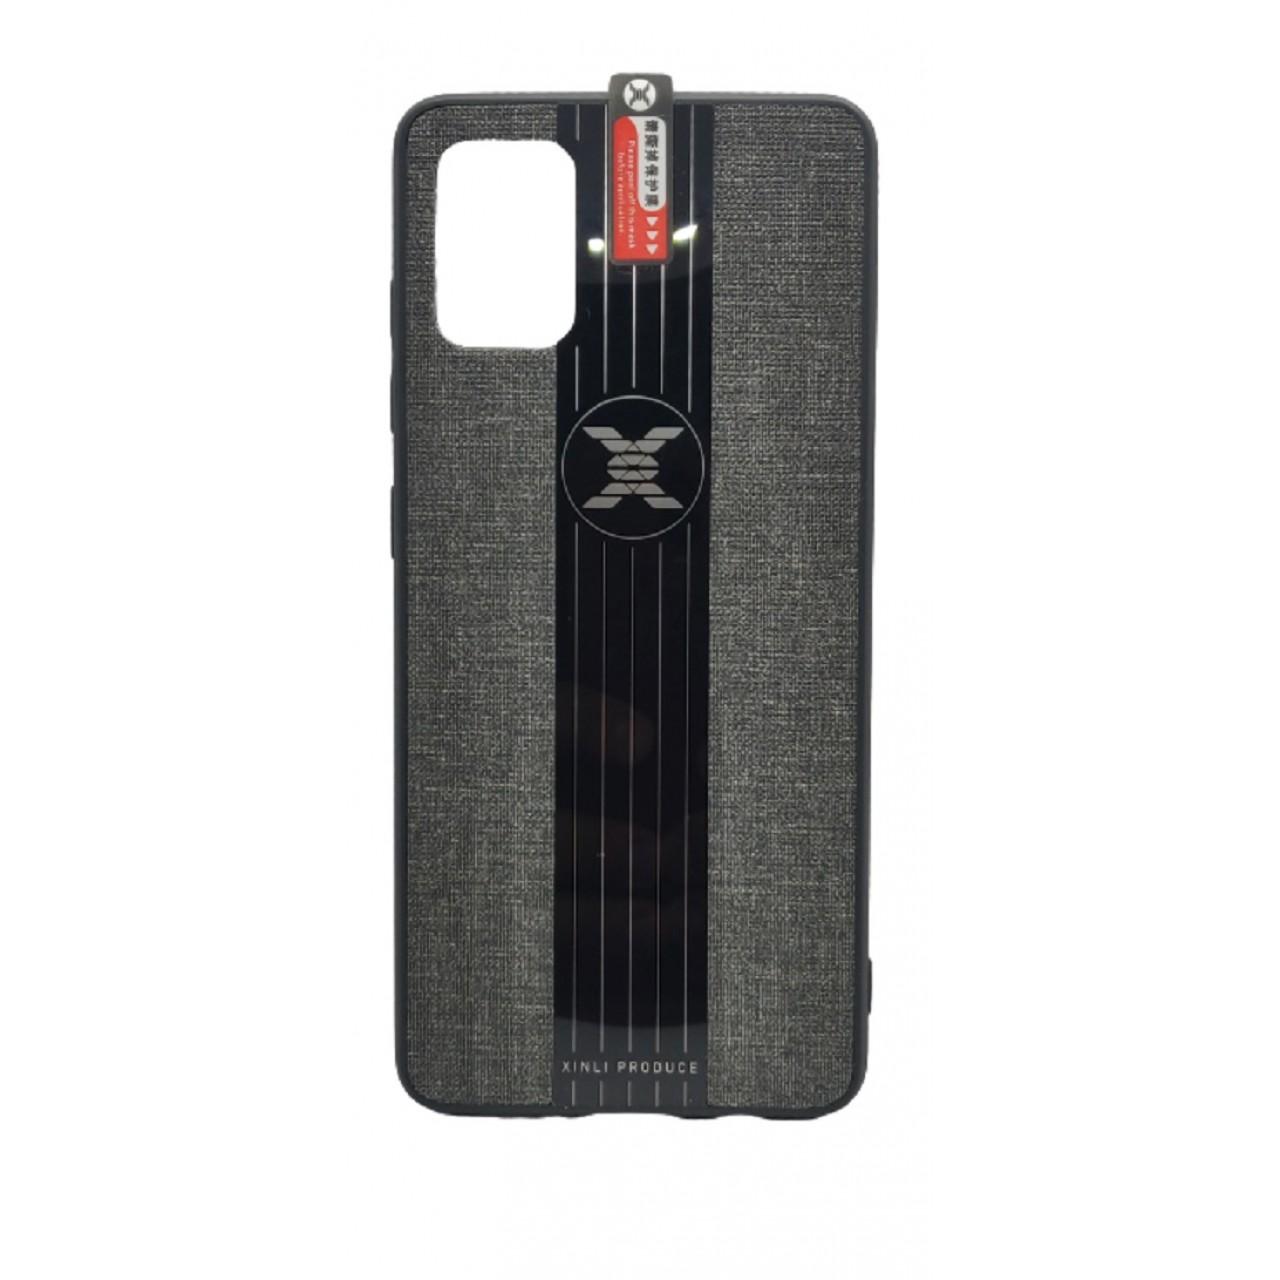 Back Case Cloth Pattern with ring for Samsung A51 Grey- Θήκη προστασίας με δαχτυλίδι στην πλάτη Γκρι- OEM